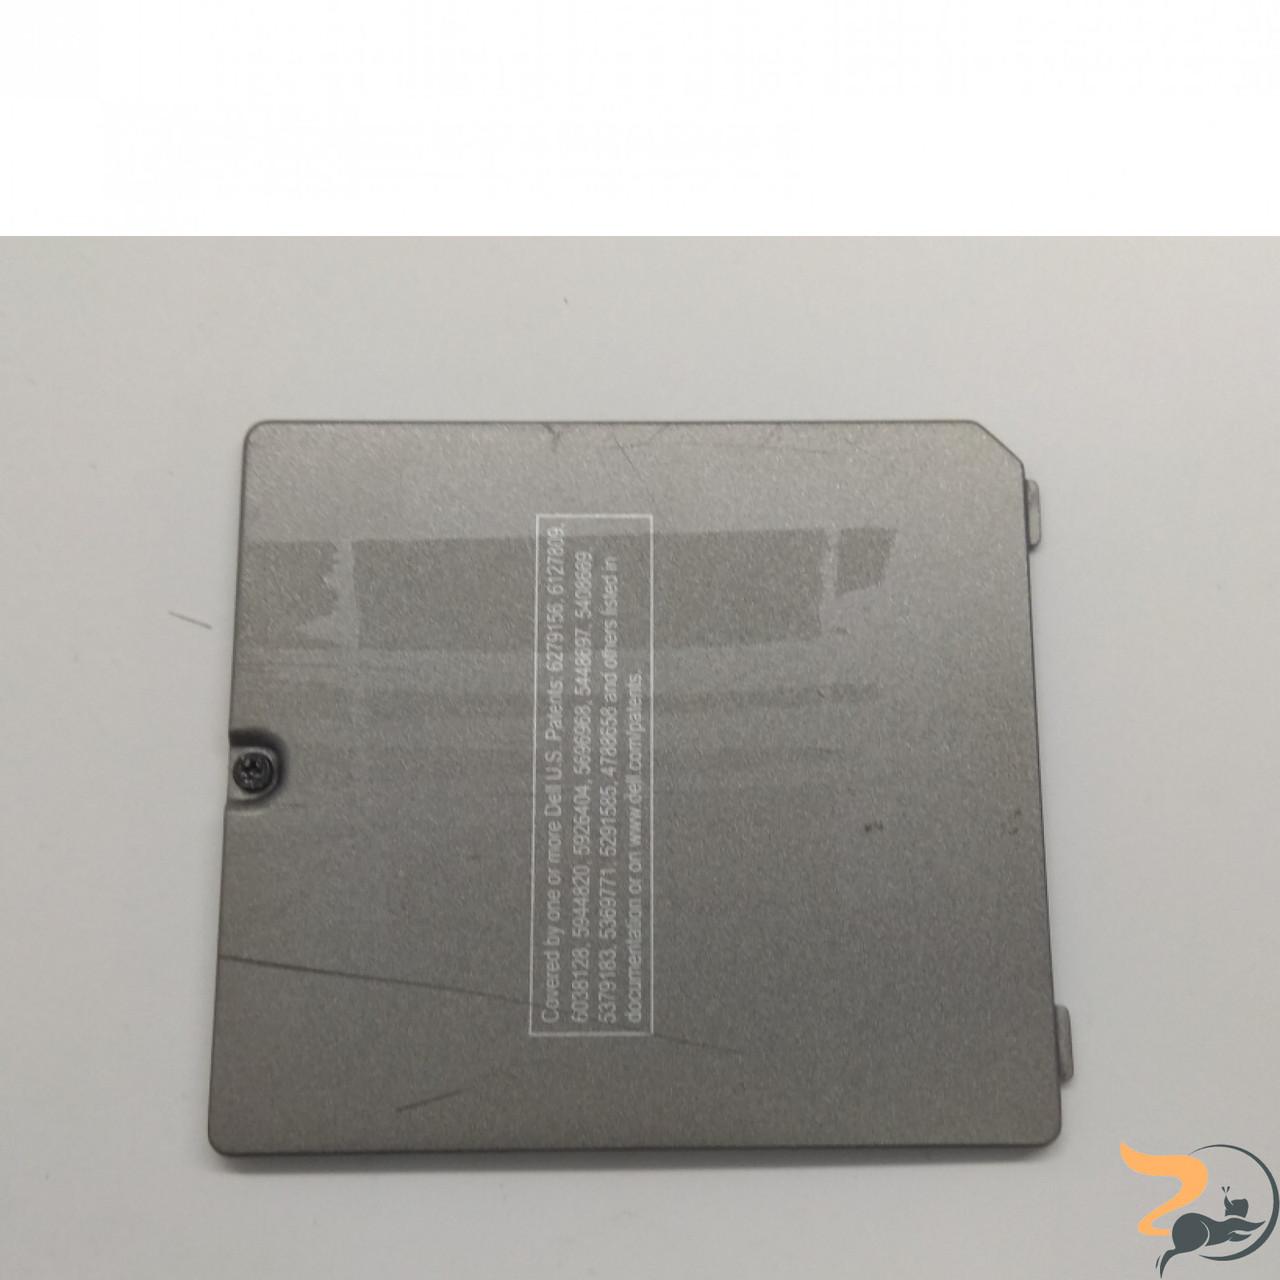 Сервісна кришка для ноутбука Dell Latitude D800, AMDQ003D00L, Б/В. В хорошому стані ,без пошкоджень.